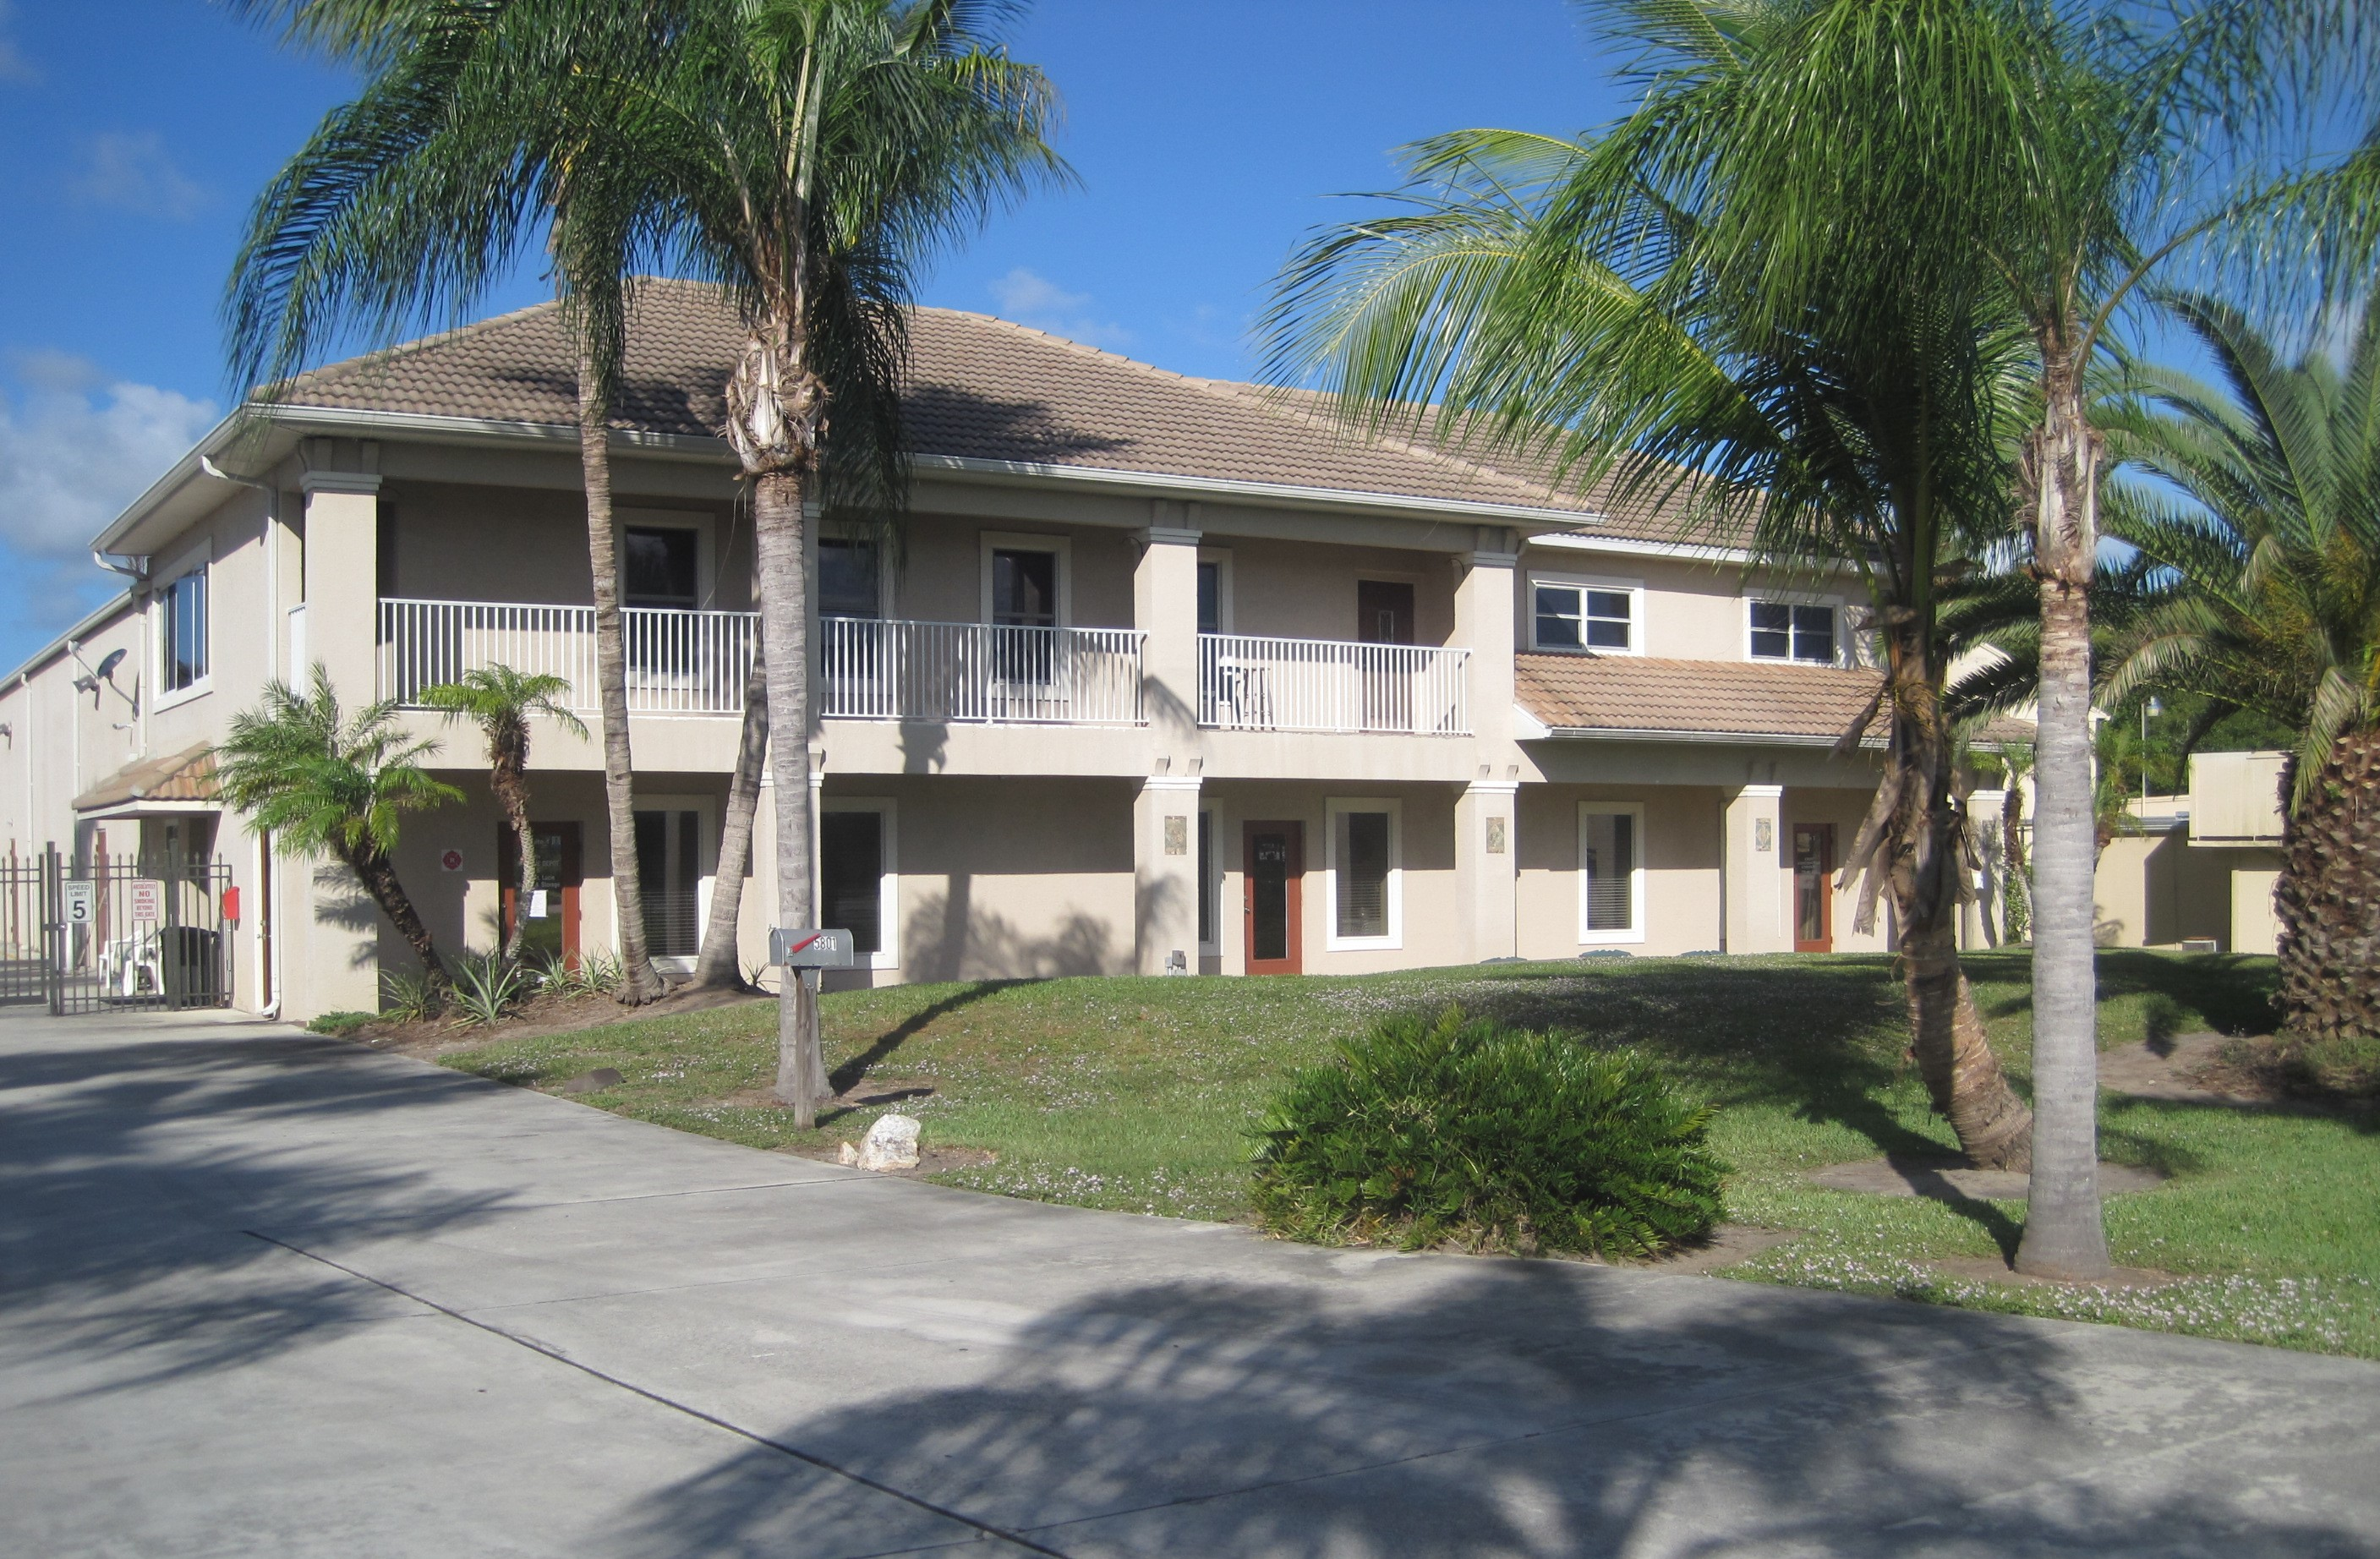 Storage in Ft. Pierce, FL